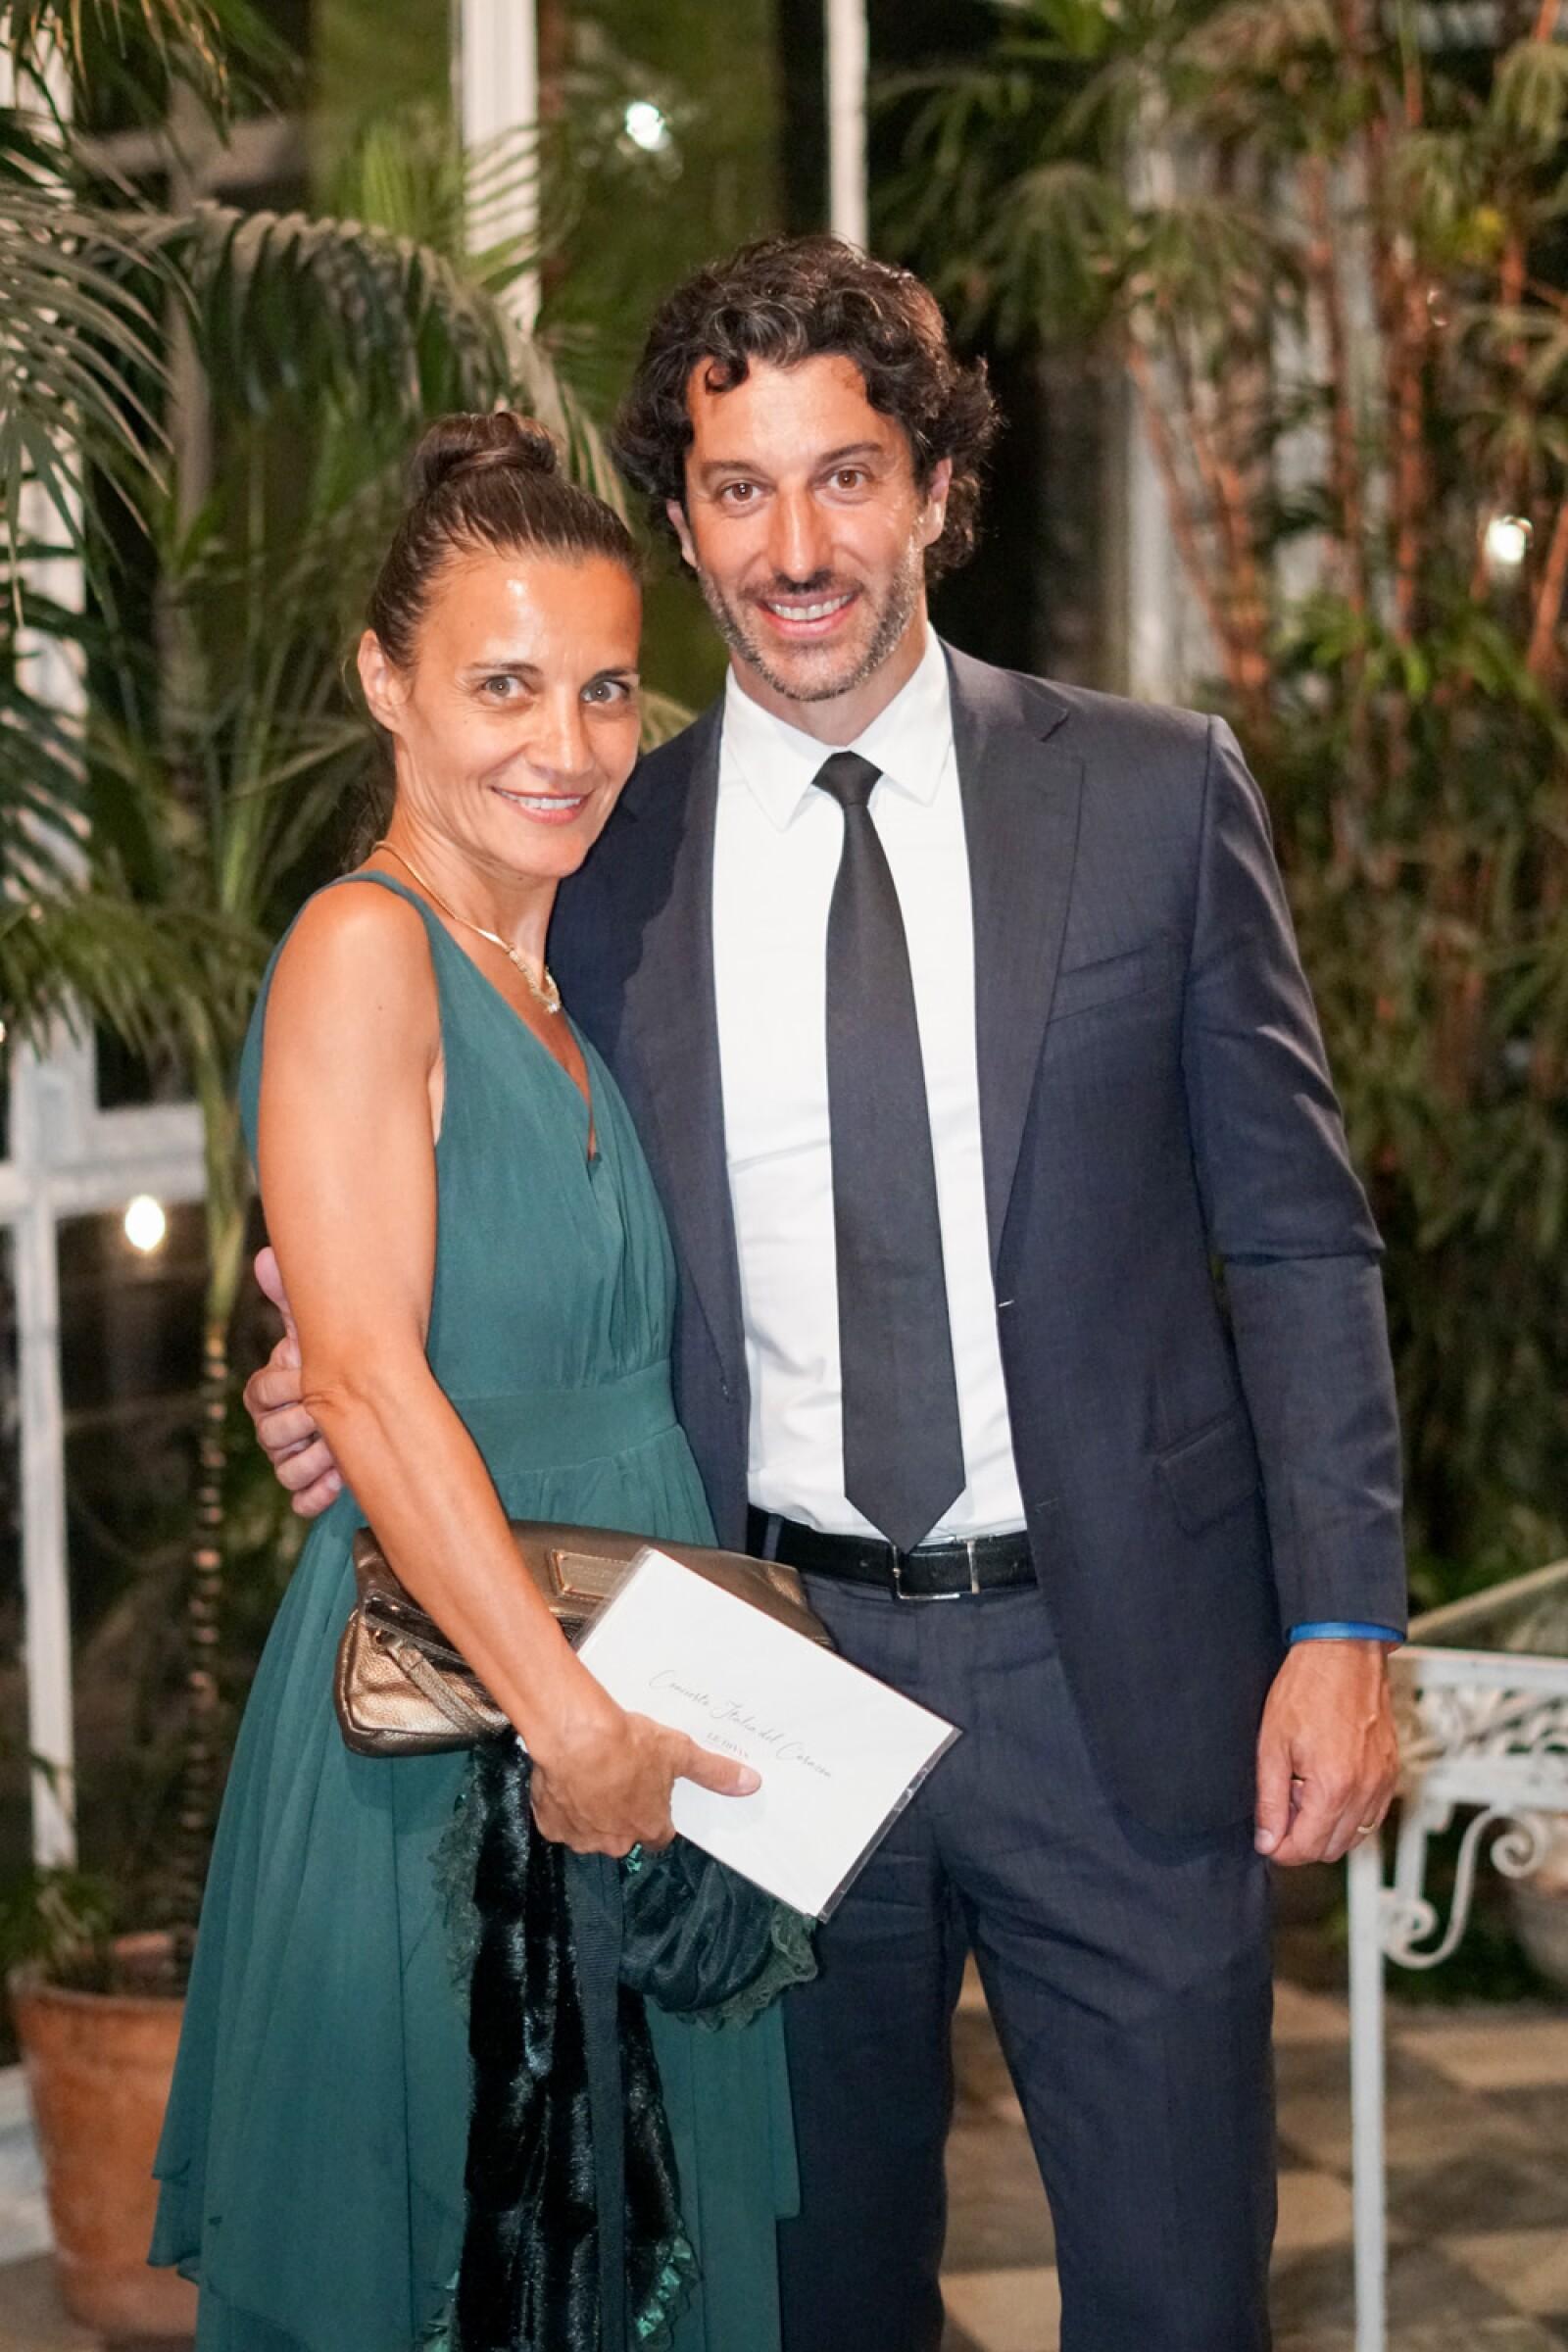 Paolo y Carla Romanacci.jpg